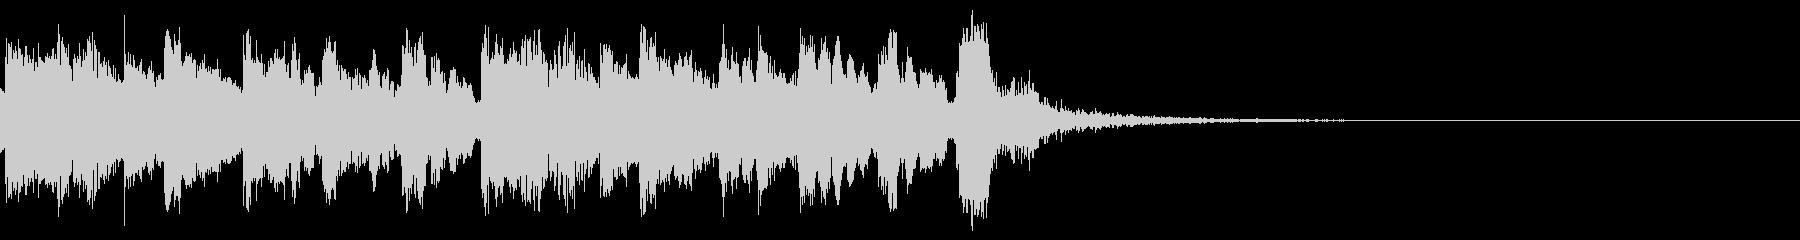 民族 インド 中東系 ジングル♪02の未再生の波形